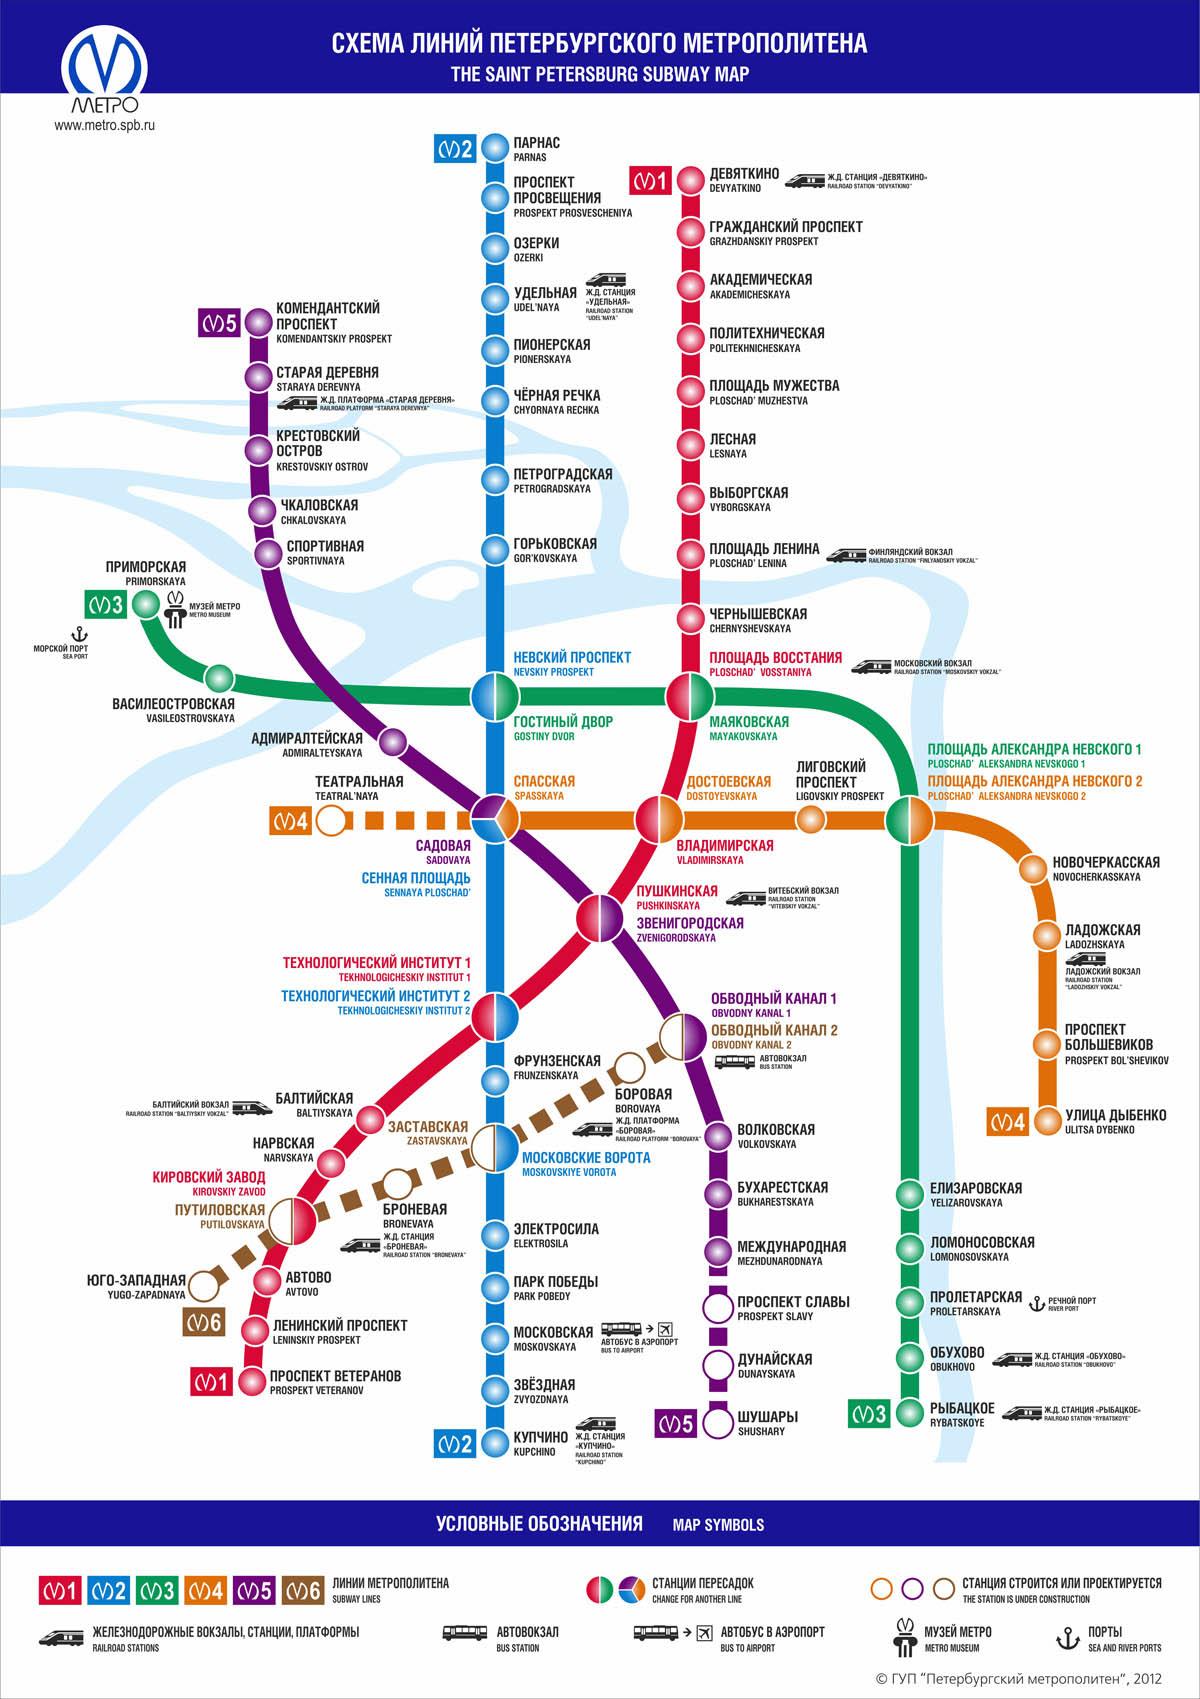 Схема линий метрополитена города Санкт-Петербурга Войти на сайт. новая схема метро СПБ.  - Тема конечно не очень...